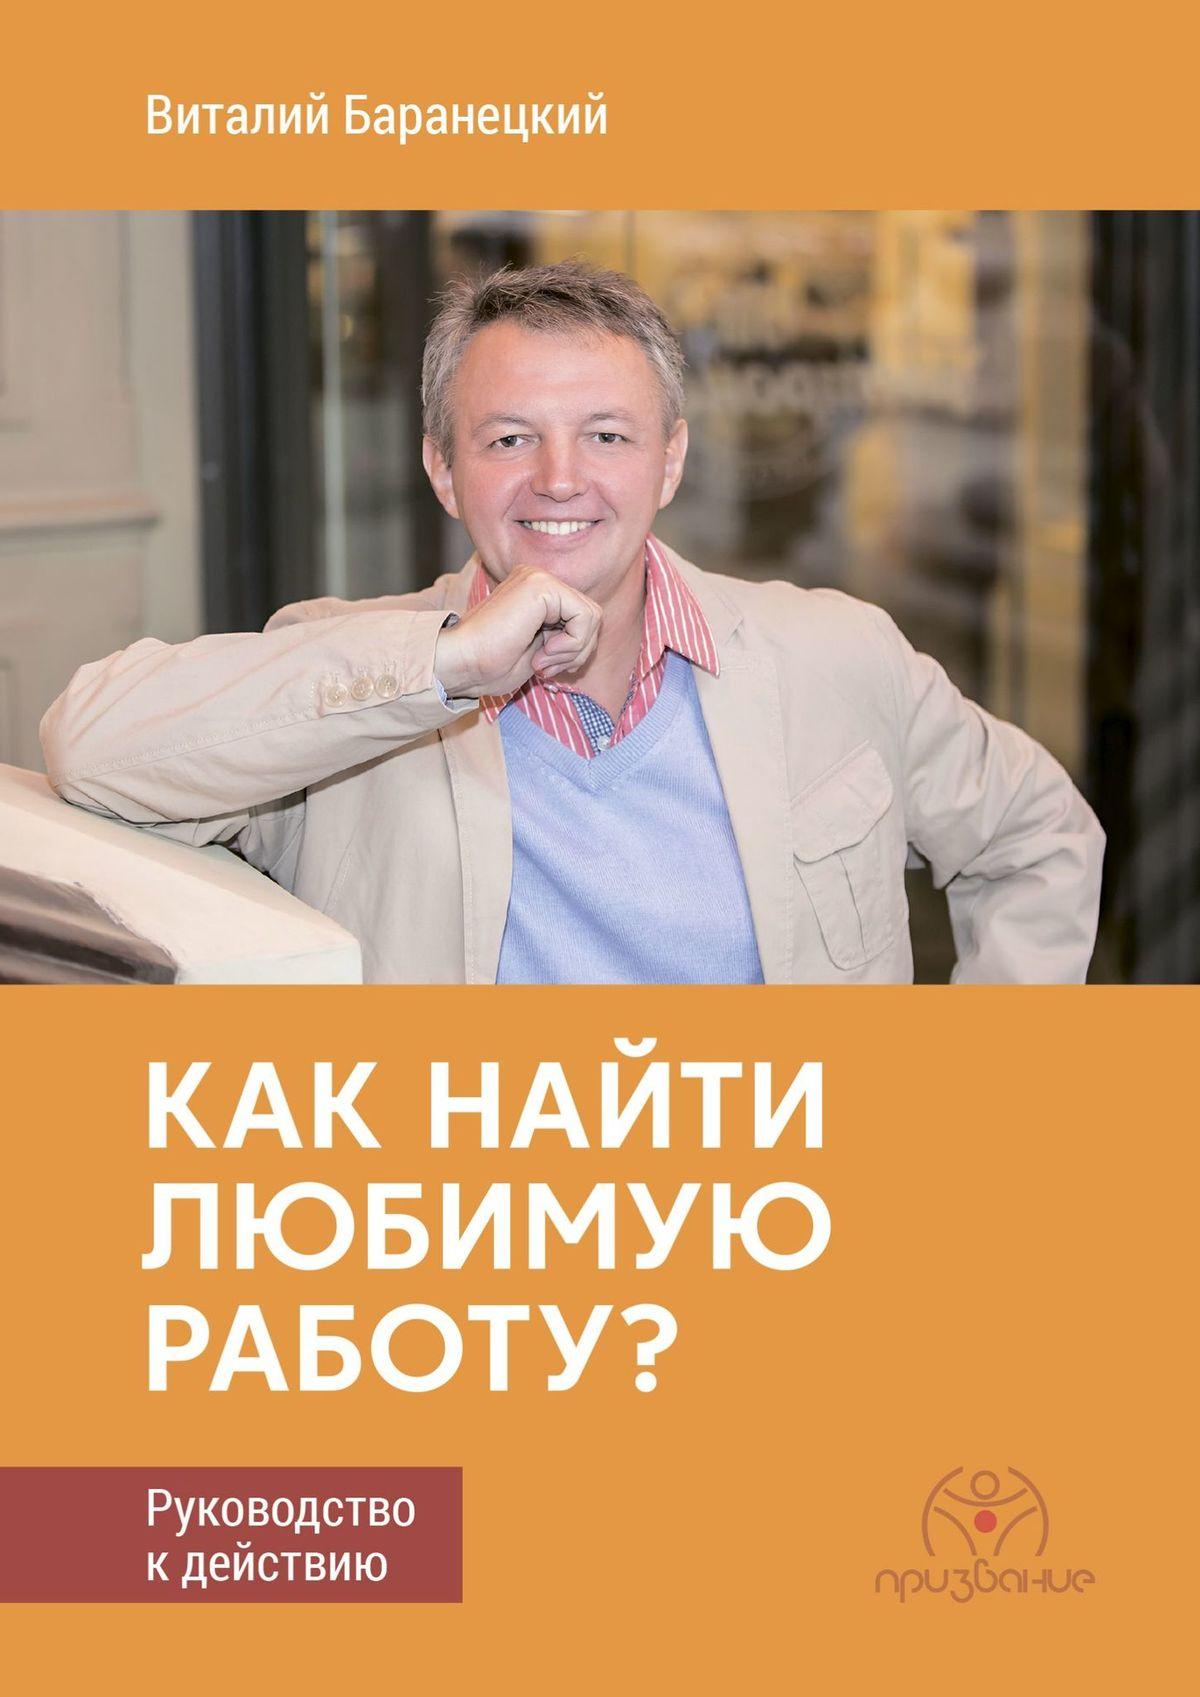 Виталий Баранецкий Как найти любимую работу? Руководство к действию струговщикова о будь счастливой мамой как найти любимую работу и воспитывать ребенка